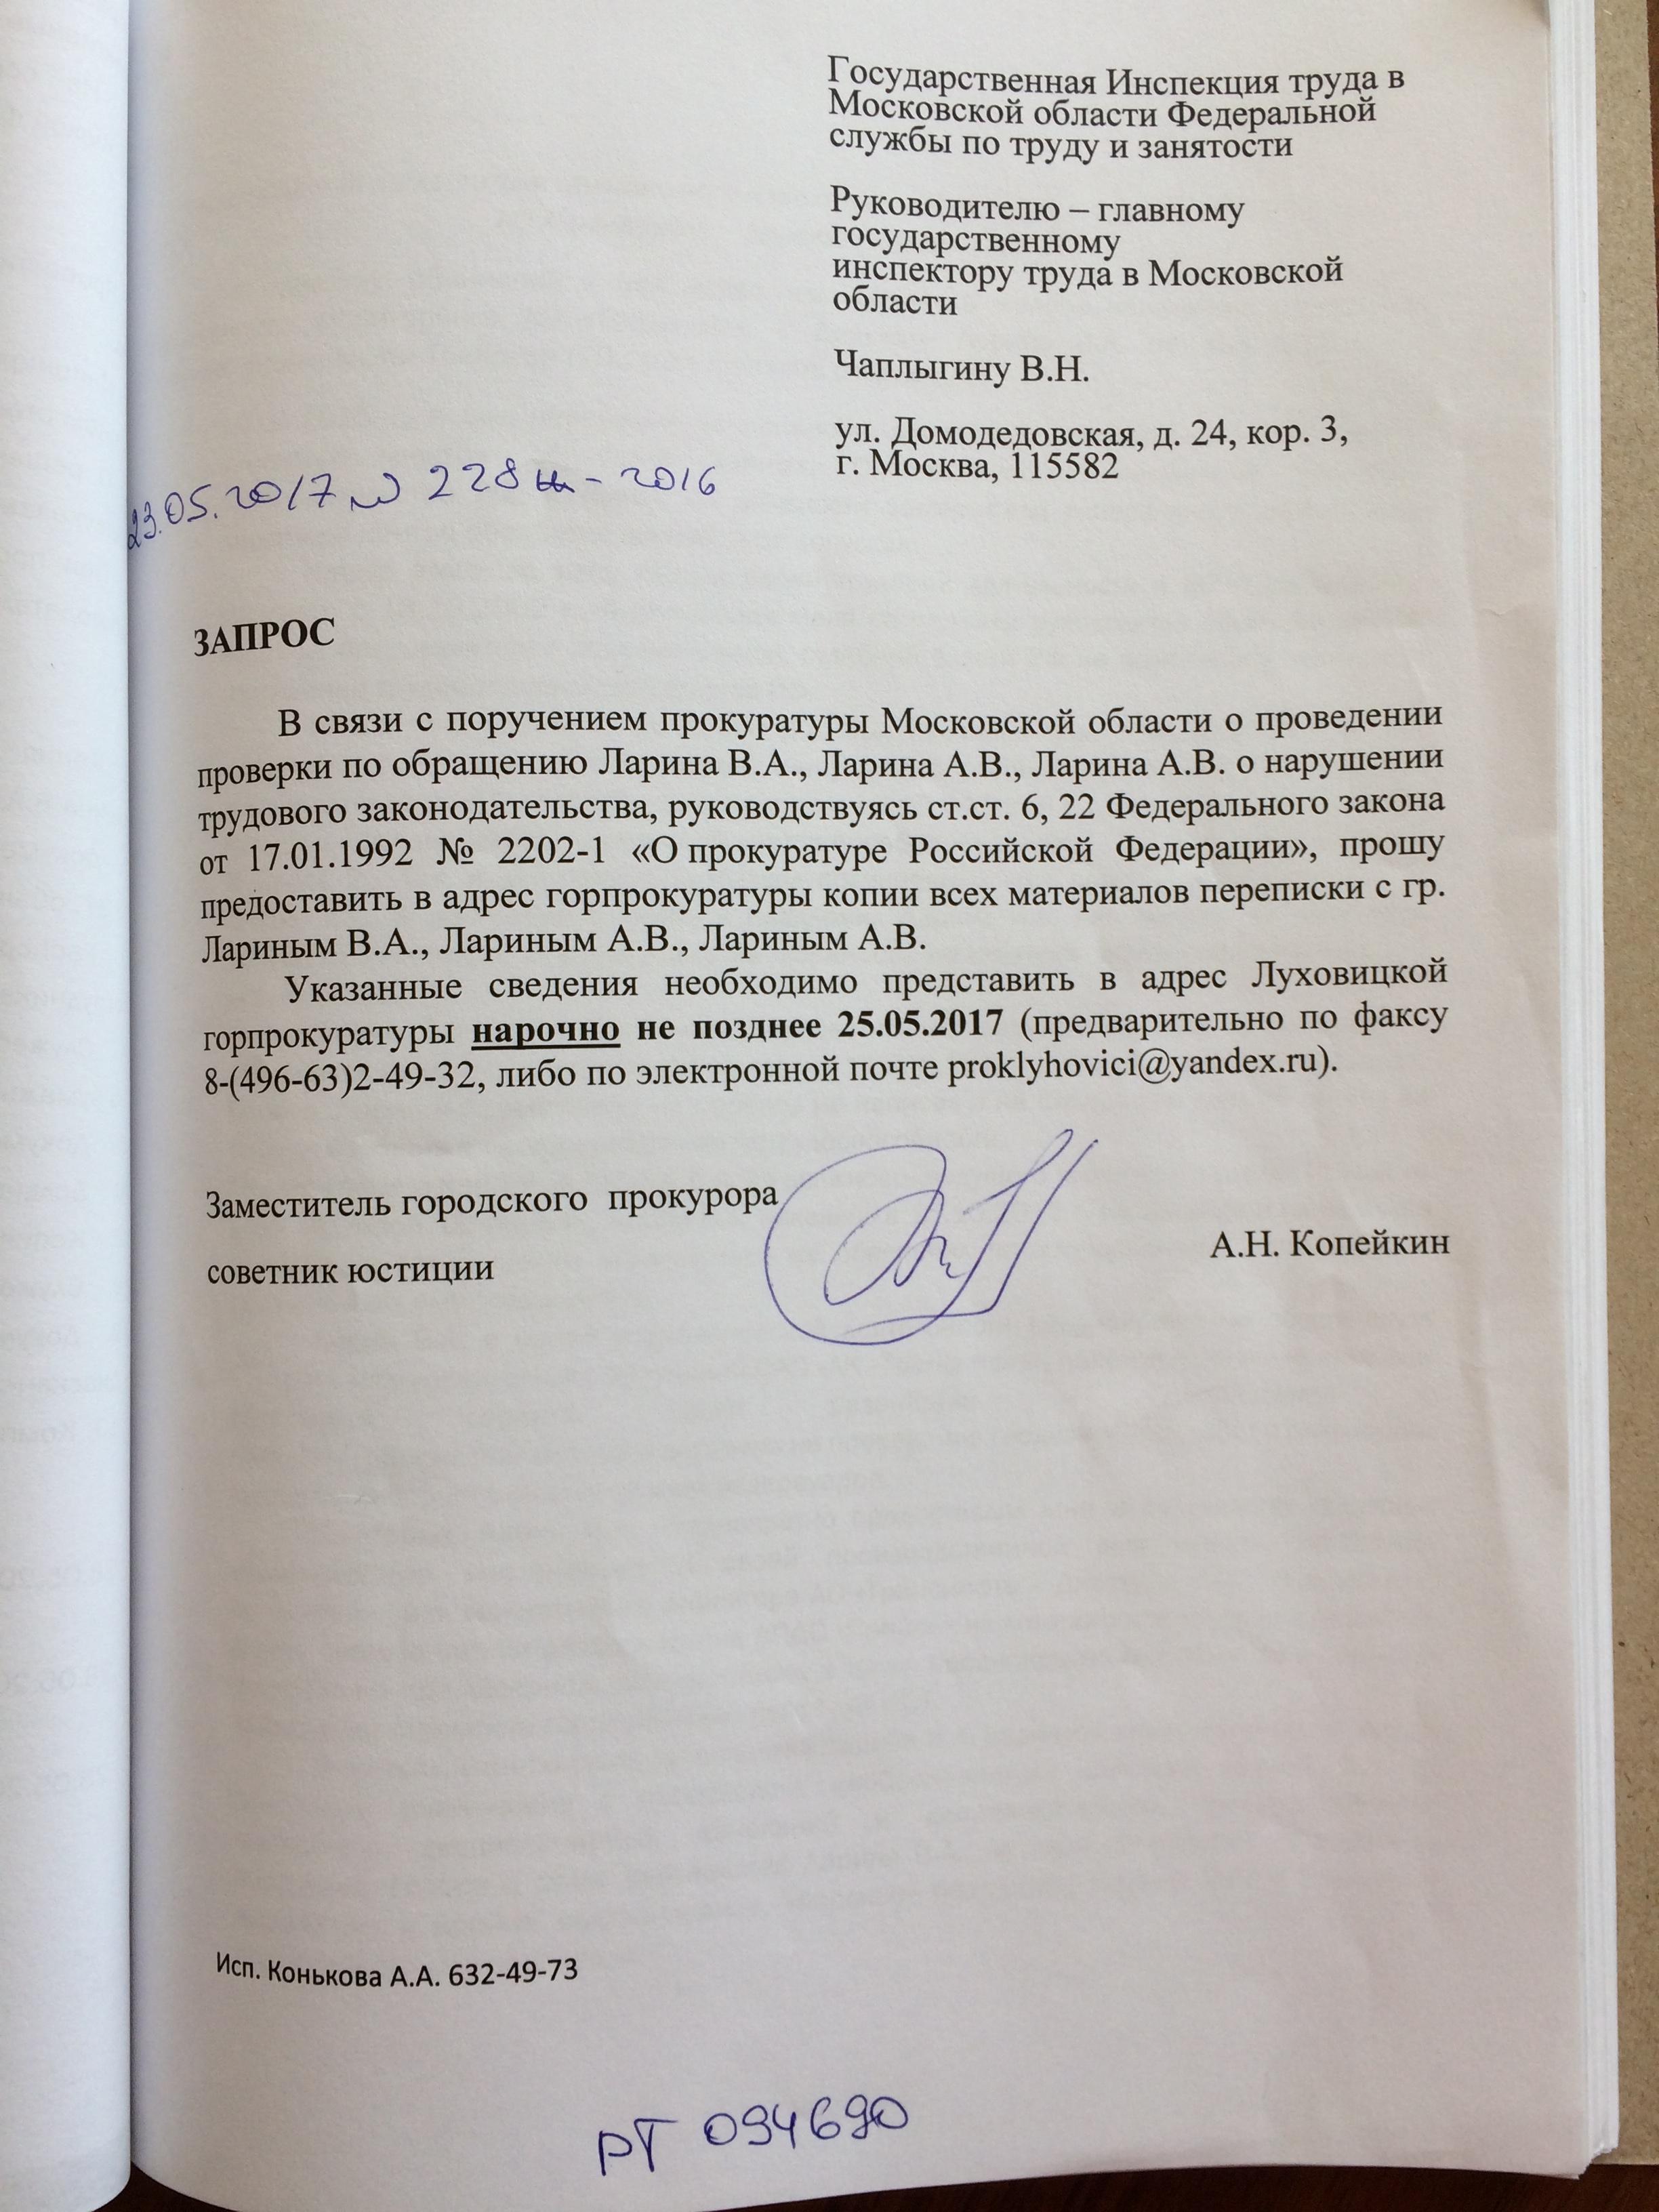 Фото документов проверки Луховицкой городской прокуратурой - 23 (5)